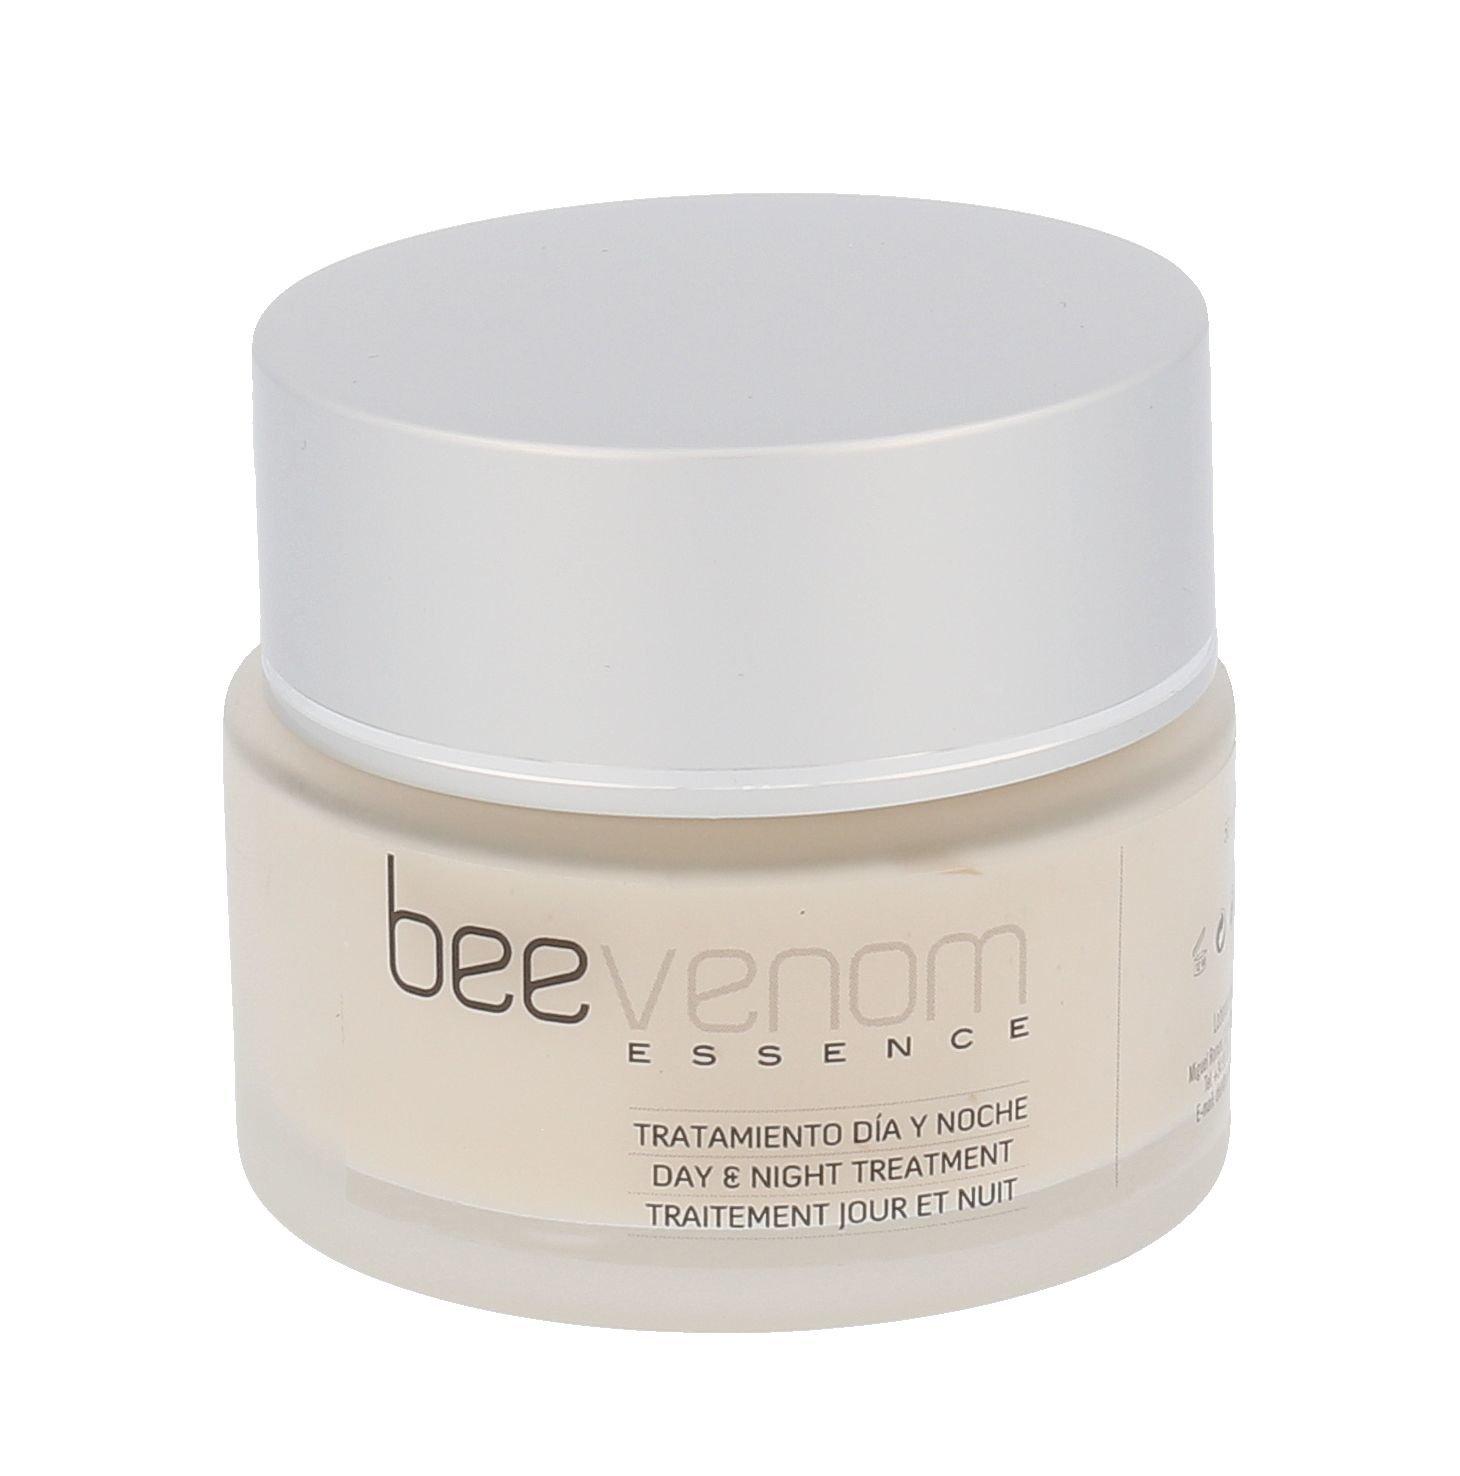 Diet Esthetic Bee Venom Essence Cosmetic 50ml